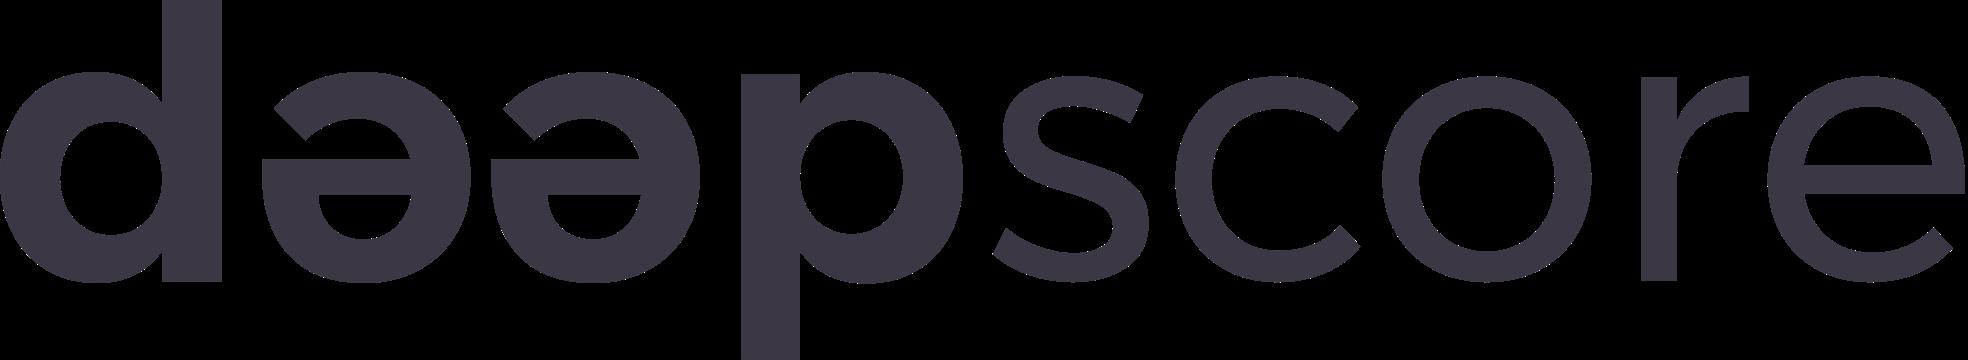 Évaluation et analyse éthique, RSE, ESG d'entreprises et sociétés cotées ou privés. Deepscore est une agence de notation (rating agency) qui a créé un logiciel d'évaluation à la demande appelé Reporting as a Service.